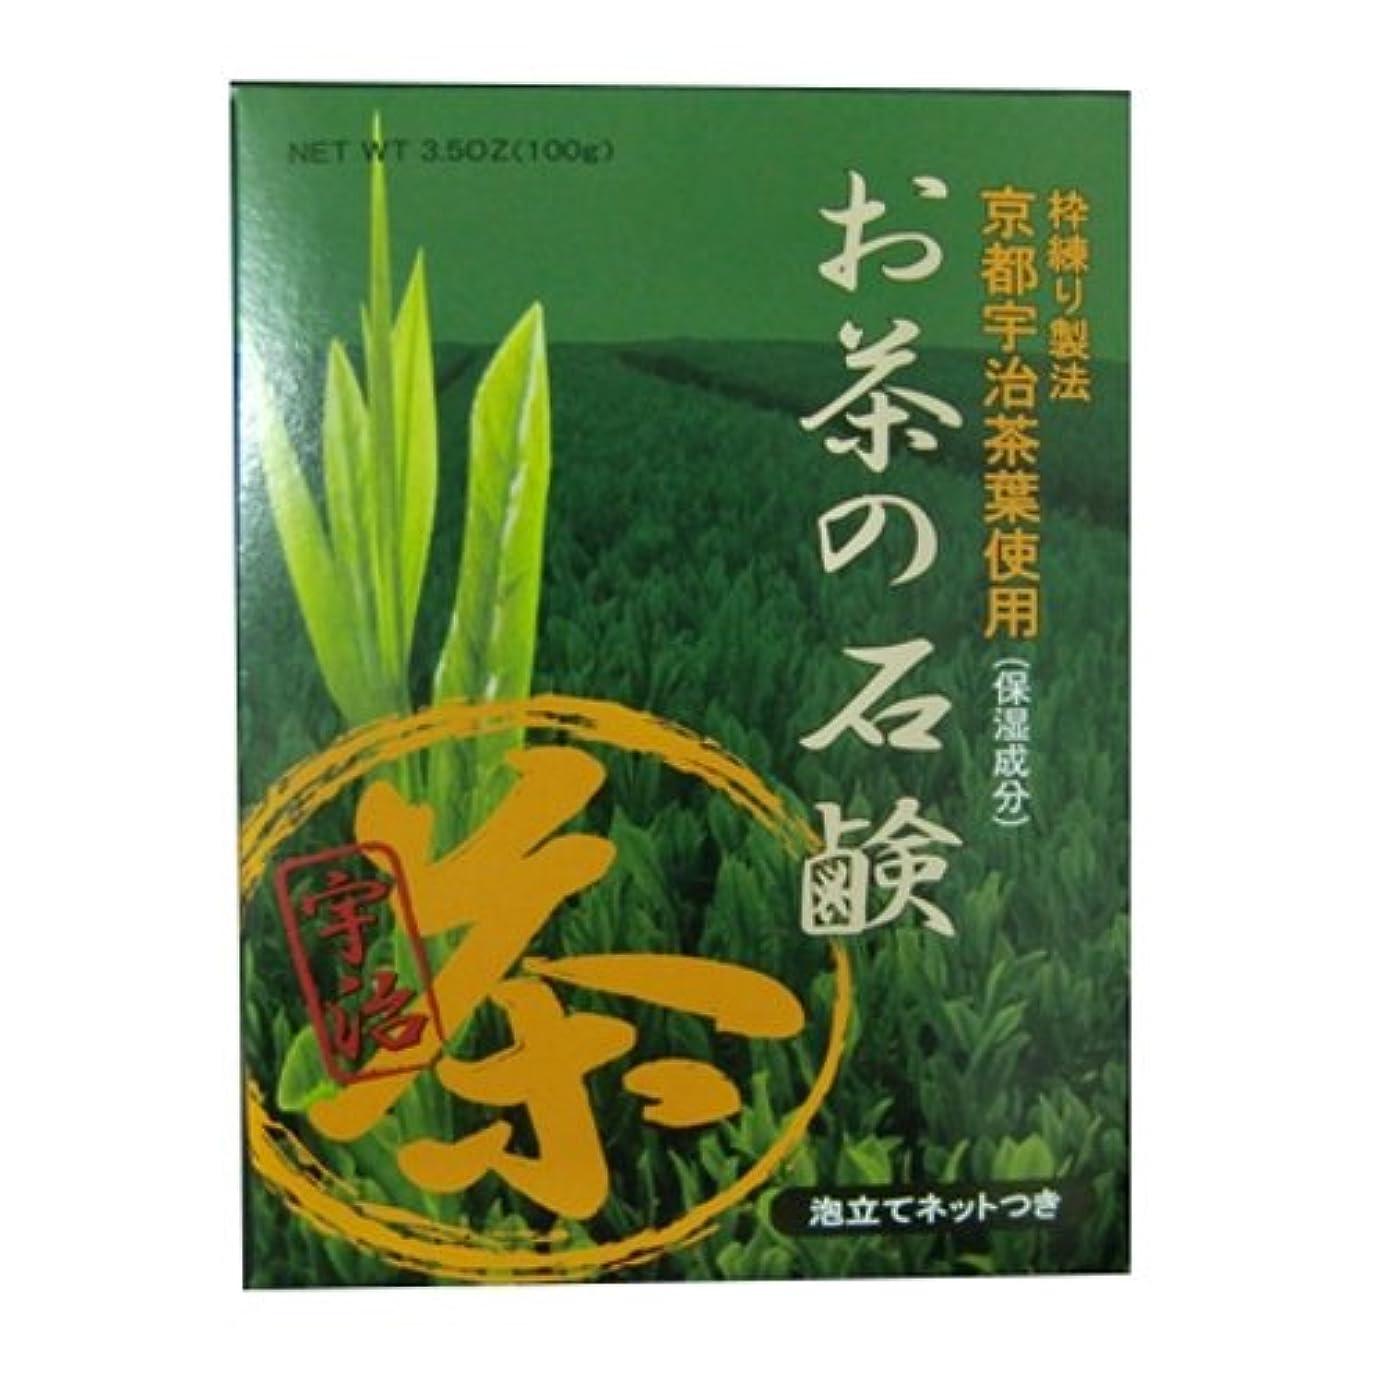 アグネスグレイ絶妙ビートお茶の石鹸 ハーバルグリーンソープ 100g